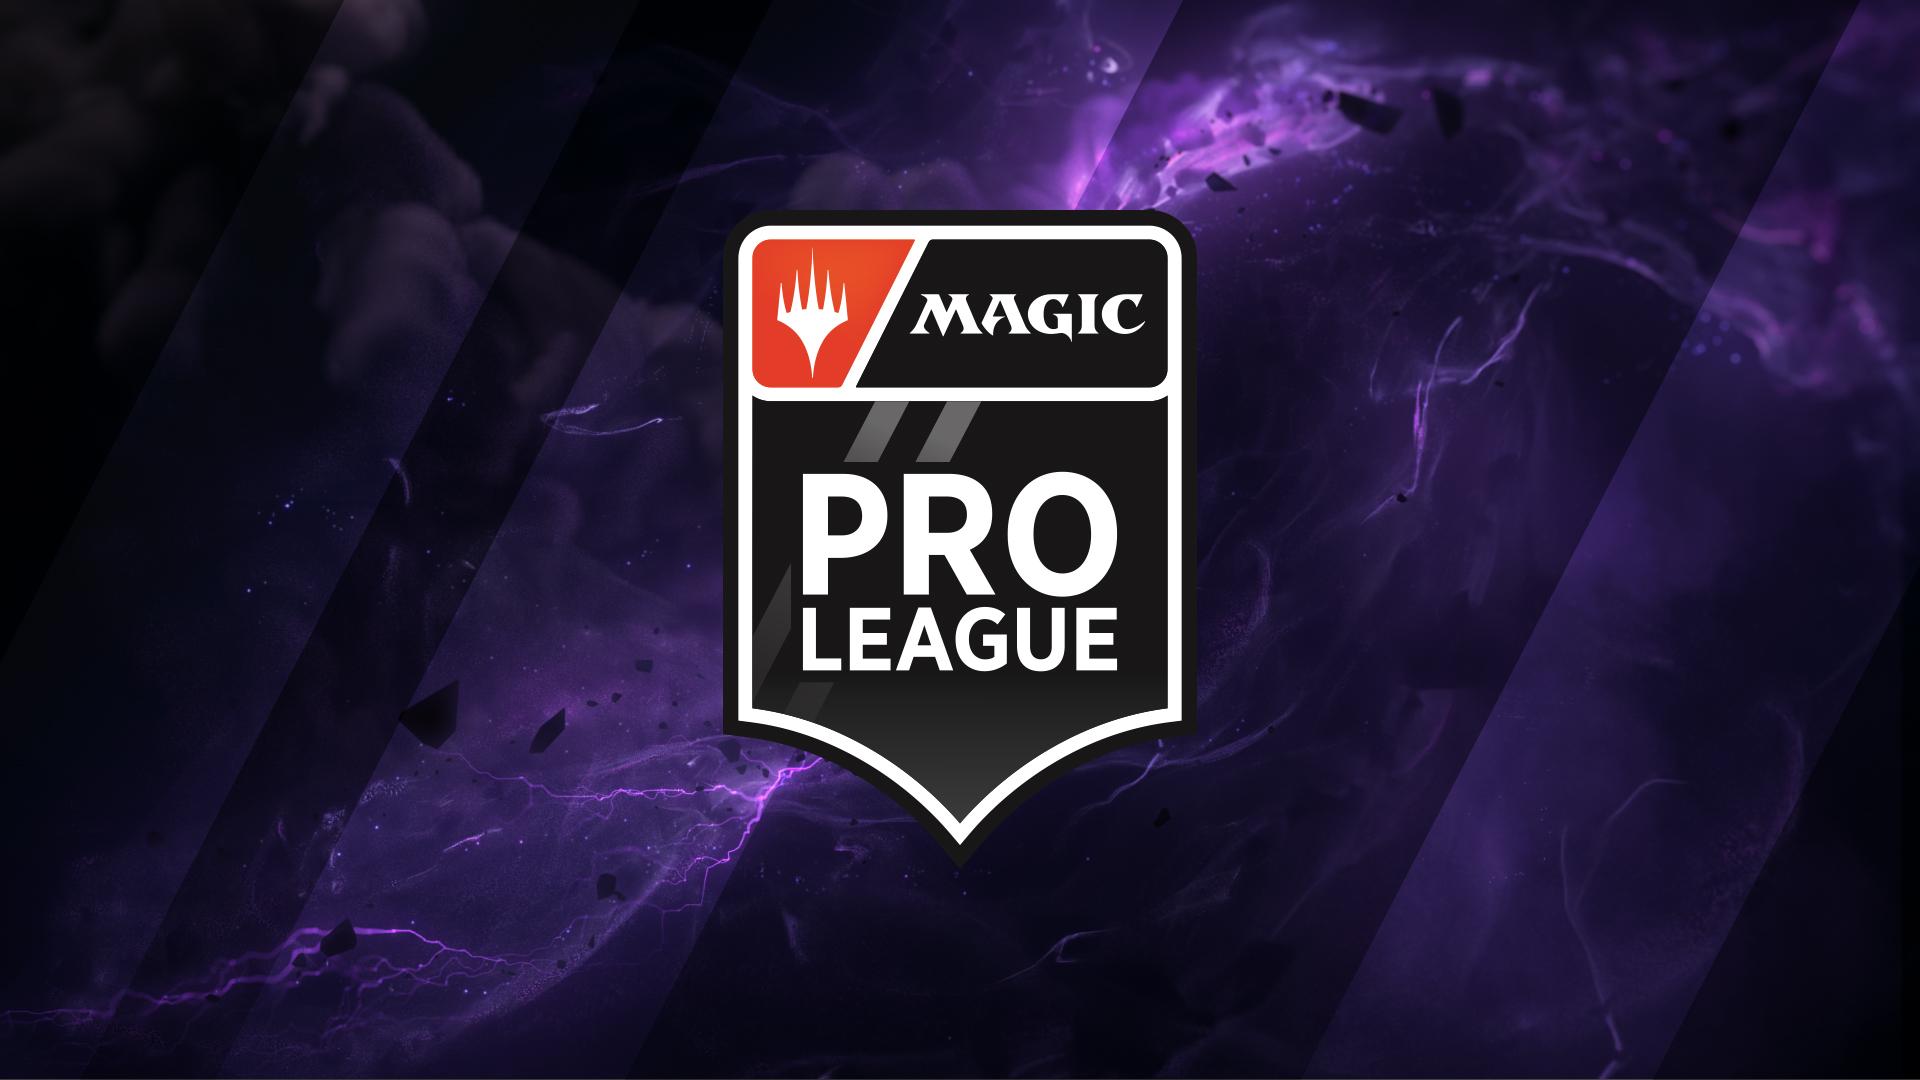 Magic Pro League